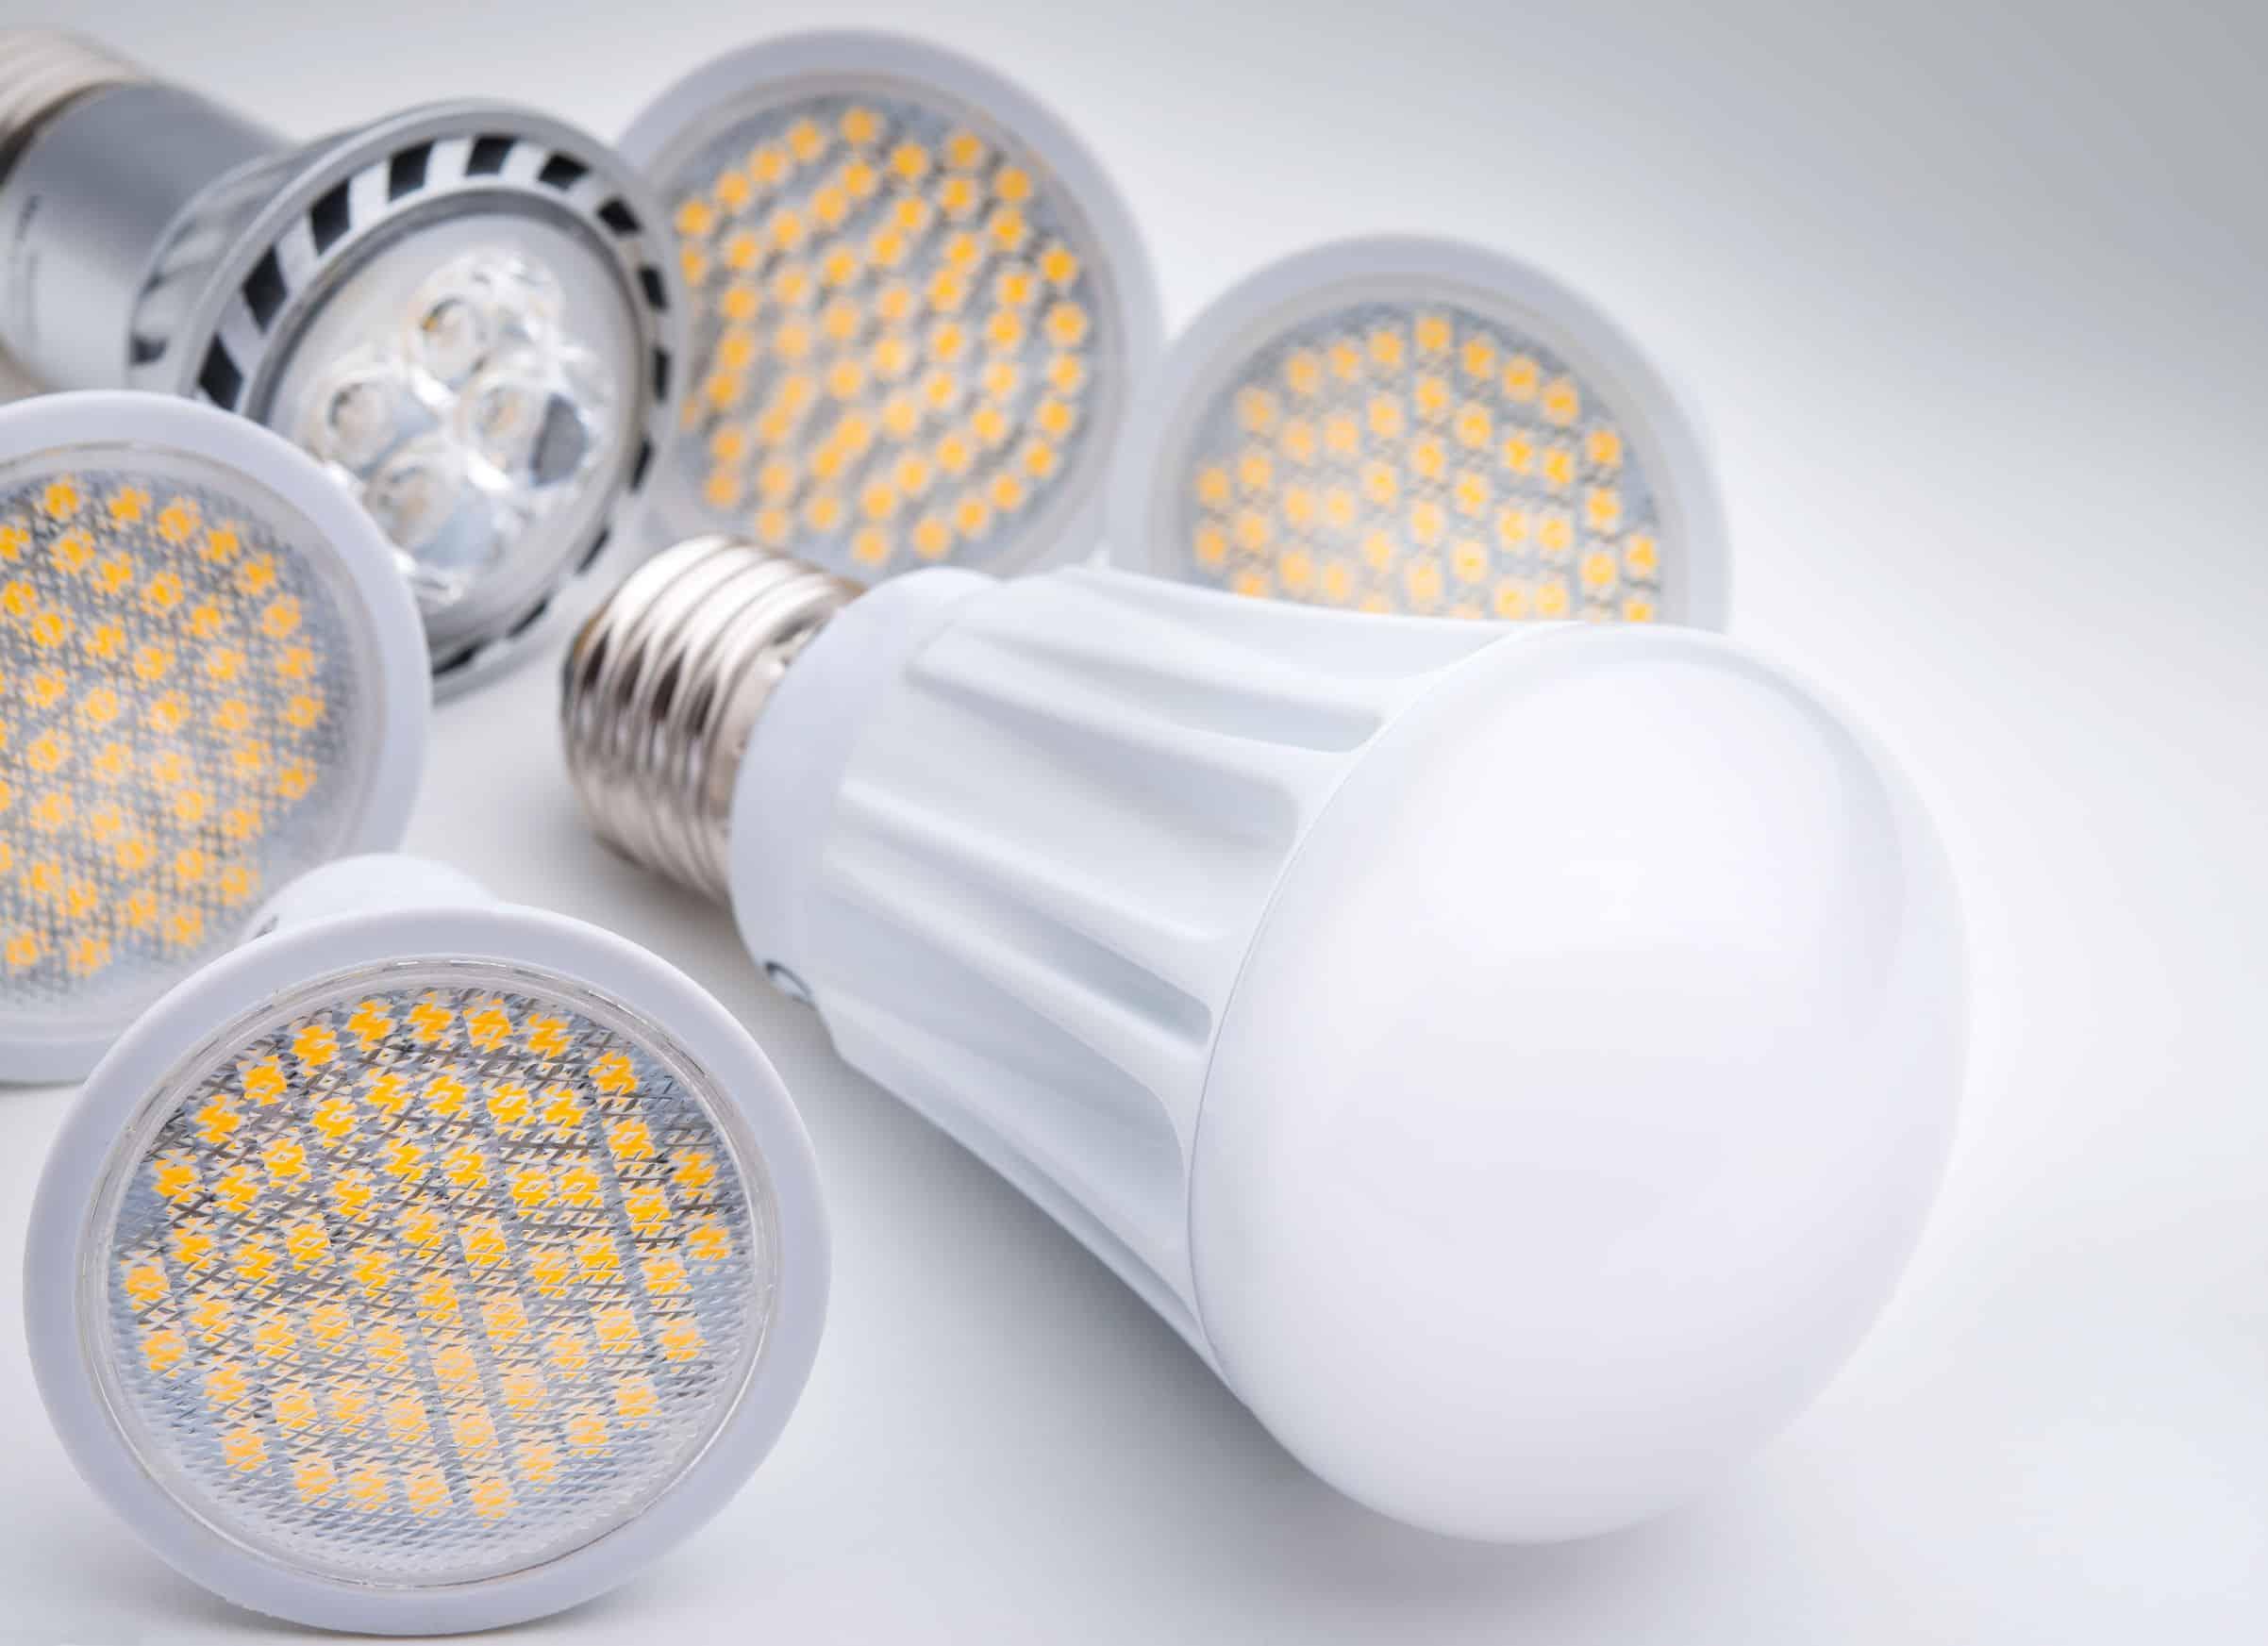 Lâmpada LED: Como escolher a melhor em 2021?